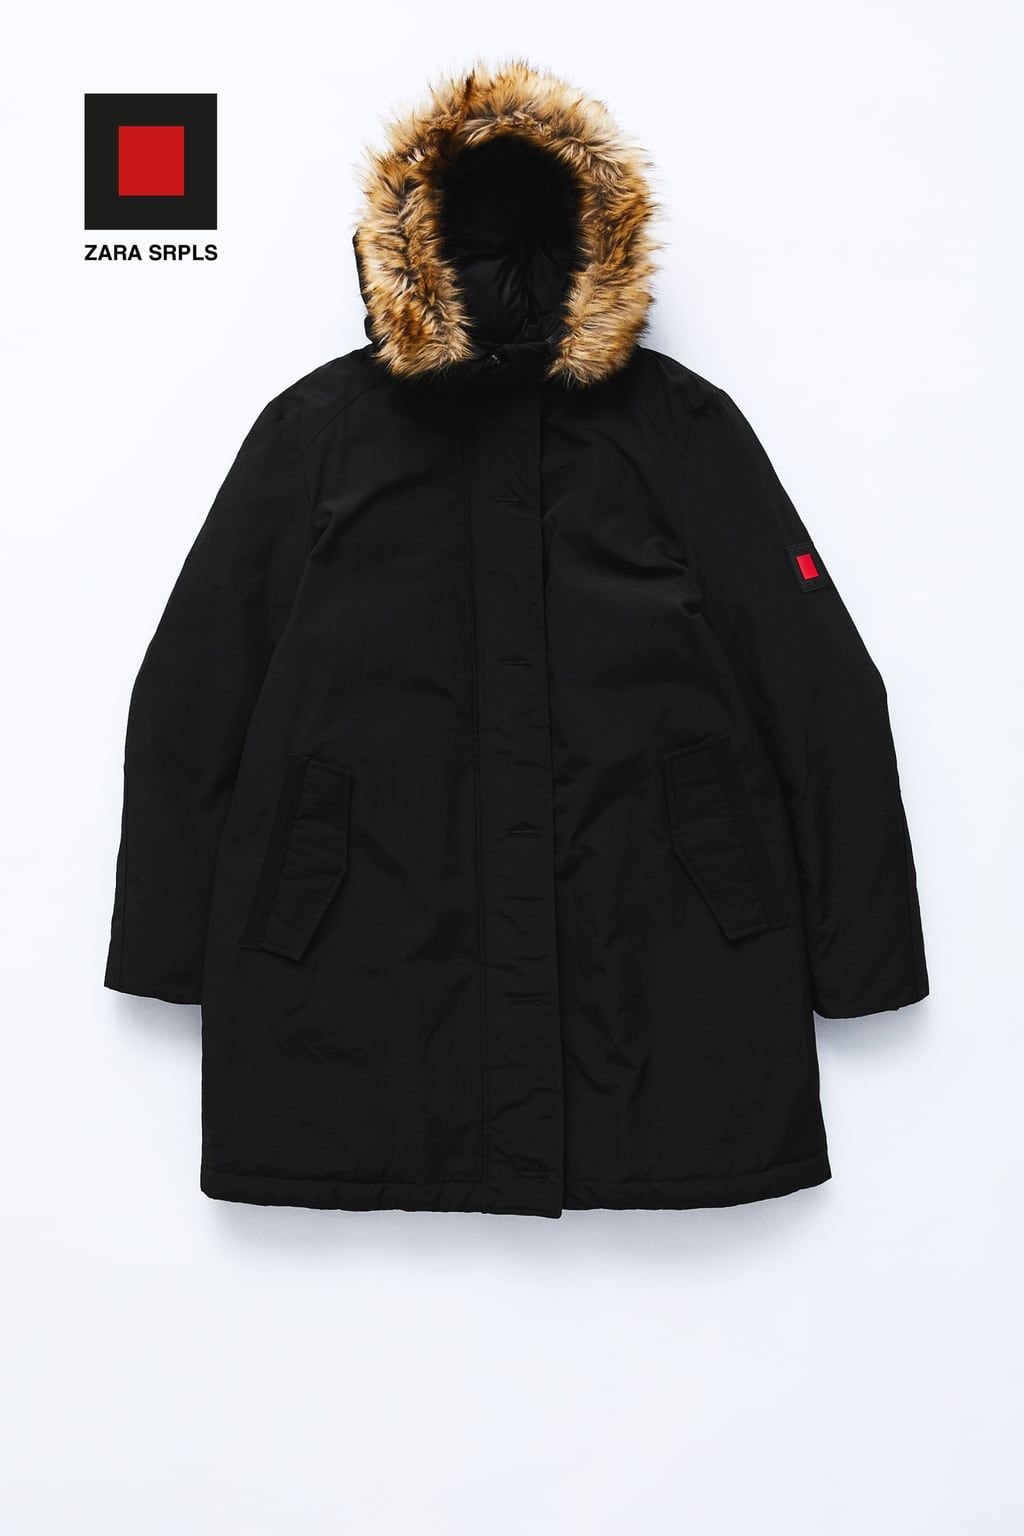 sale retailer 4dc18 469fd Colección Vende Ya En Zara Su Tienda Más Srpls La Online 0F6qxw6d